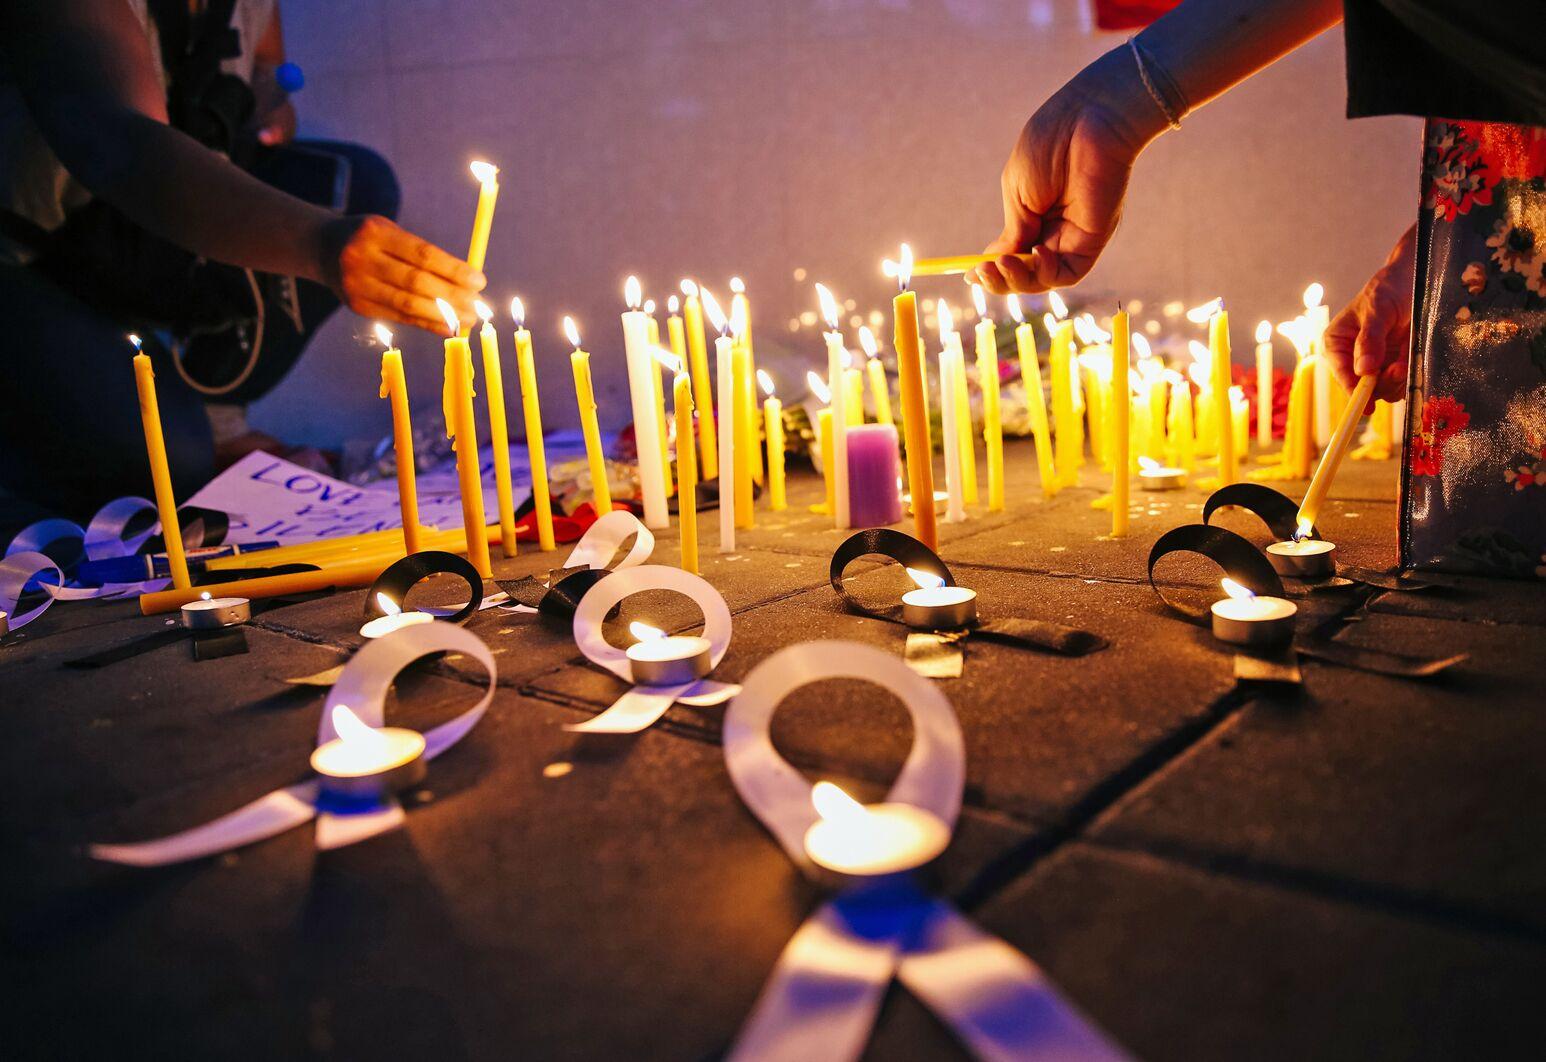 A candlelight vigil